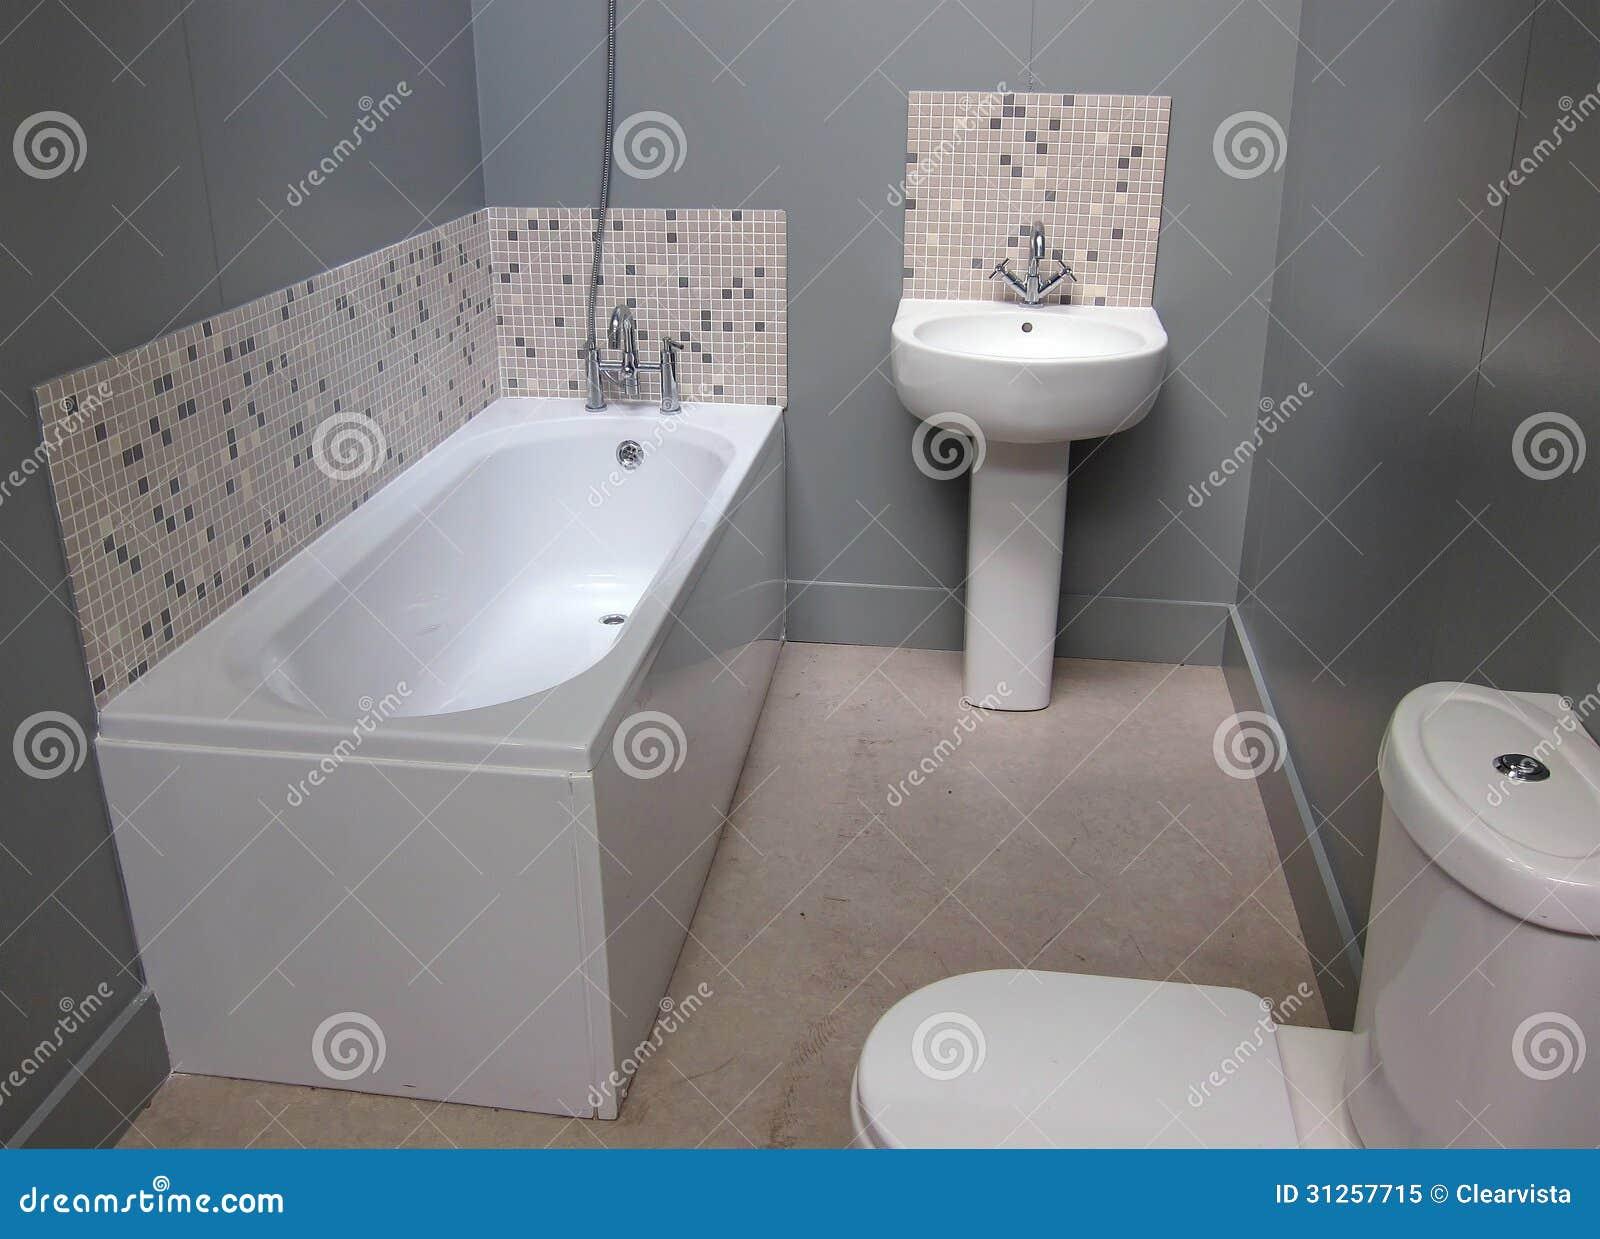 #83A328 Um Banheiro Moderno Pequeno. Foto de Stock Royalty Free Imagem  1300x1023 px Banheiro Pequeno Moderno 2277